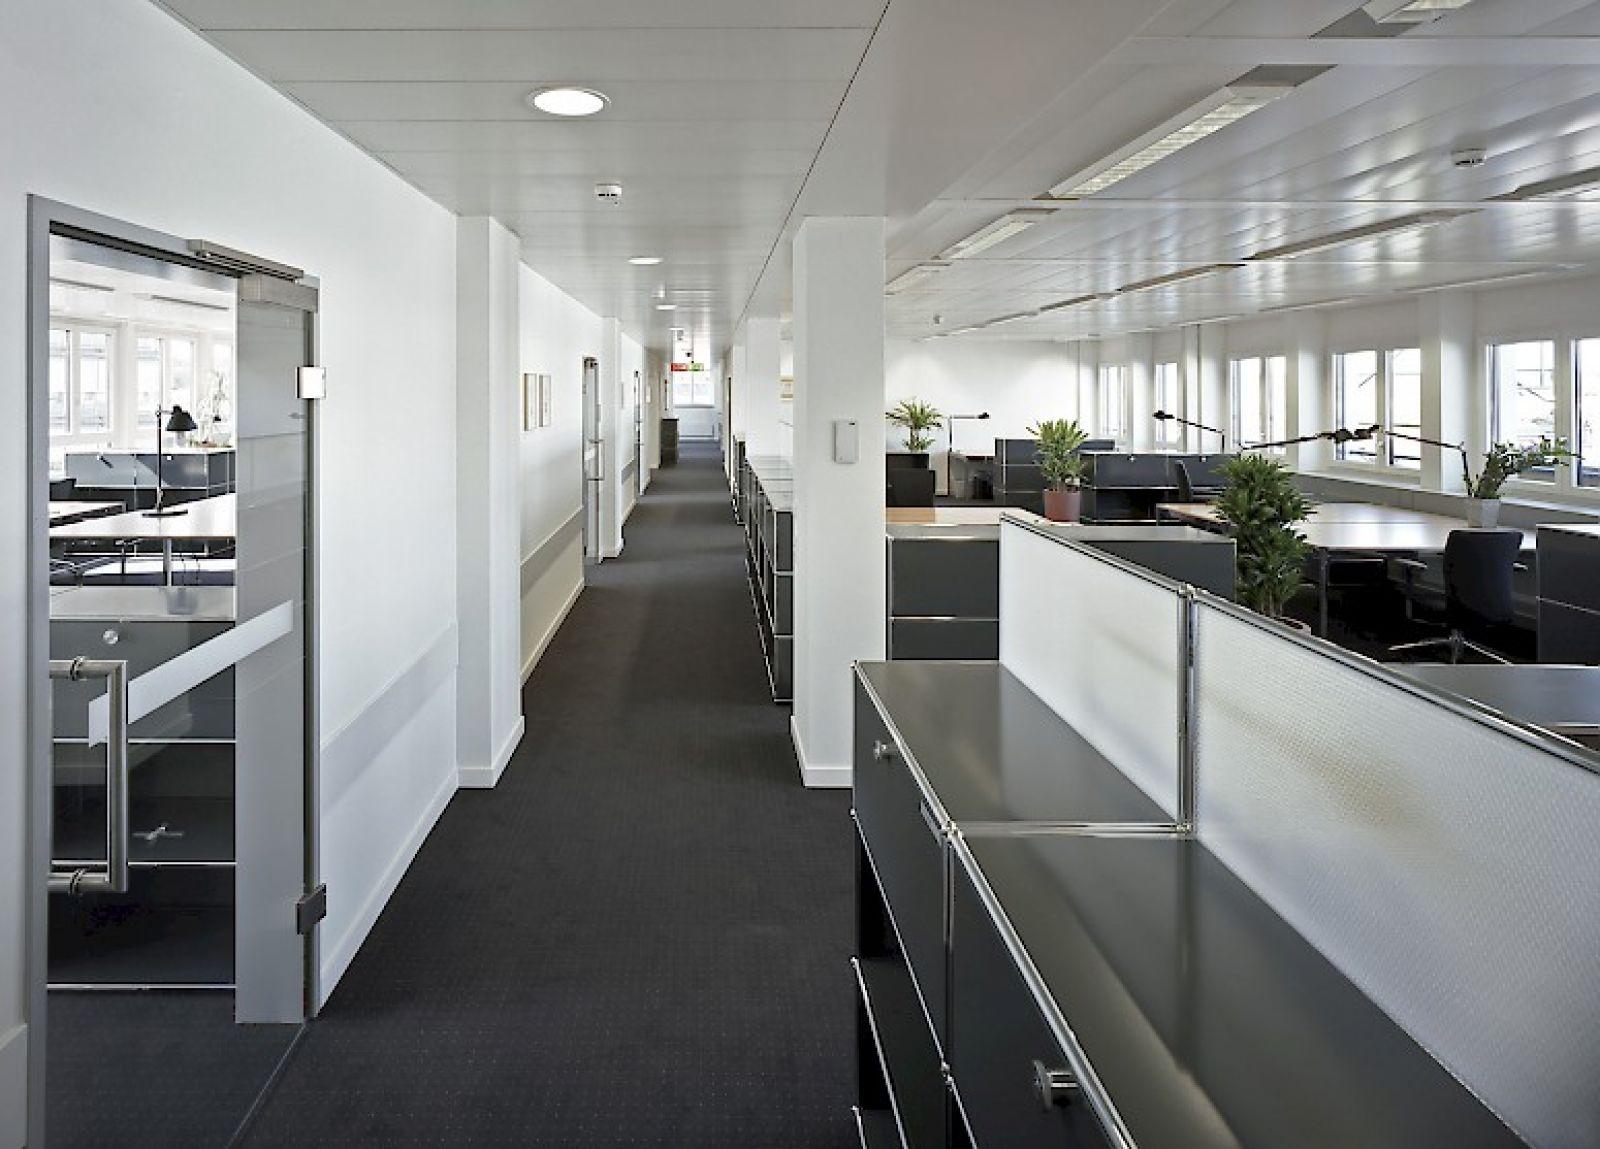 travaux de r novation dans plateaux de bureaux lyon entreprise de r novation int rieure. Black Bedroom Furniture Sets. Home Design Ideas